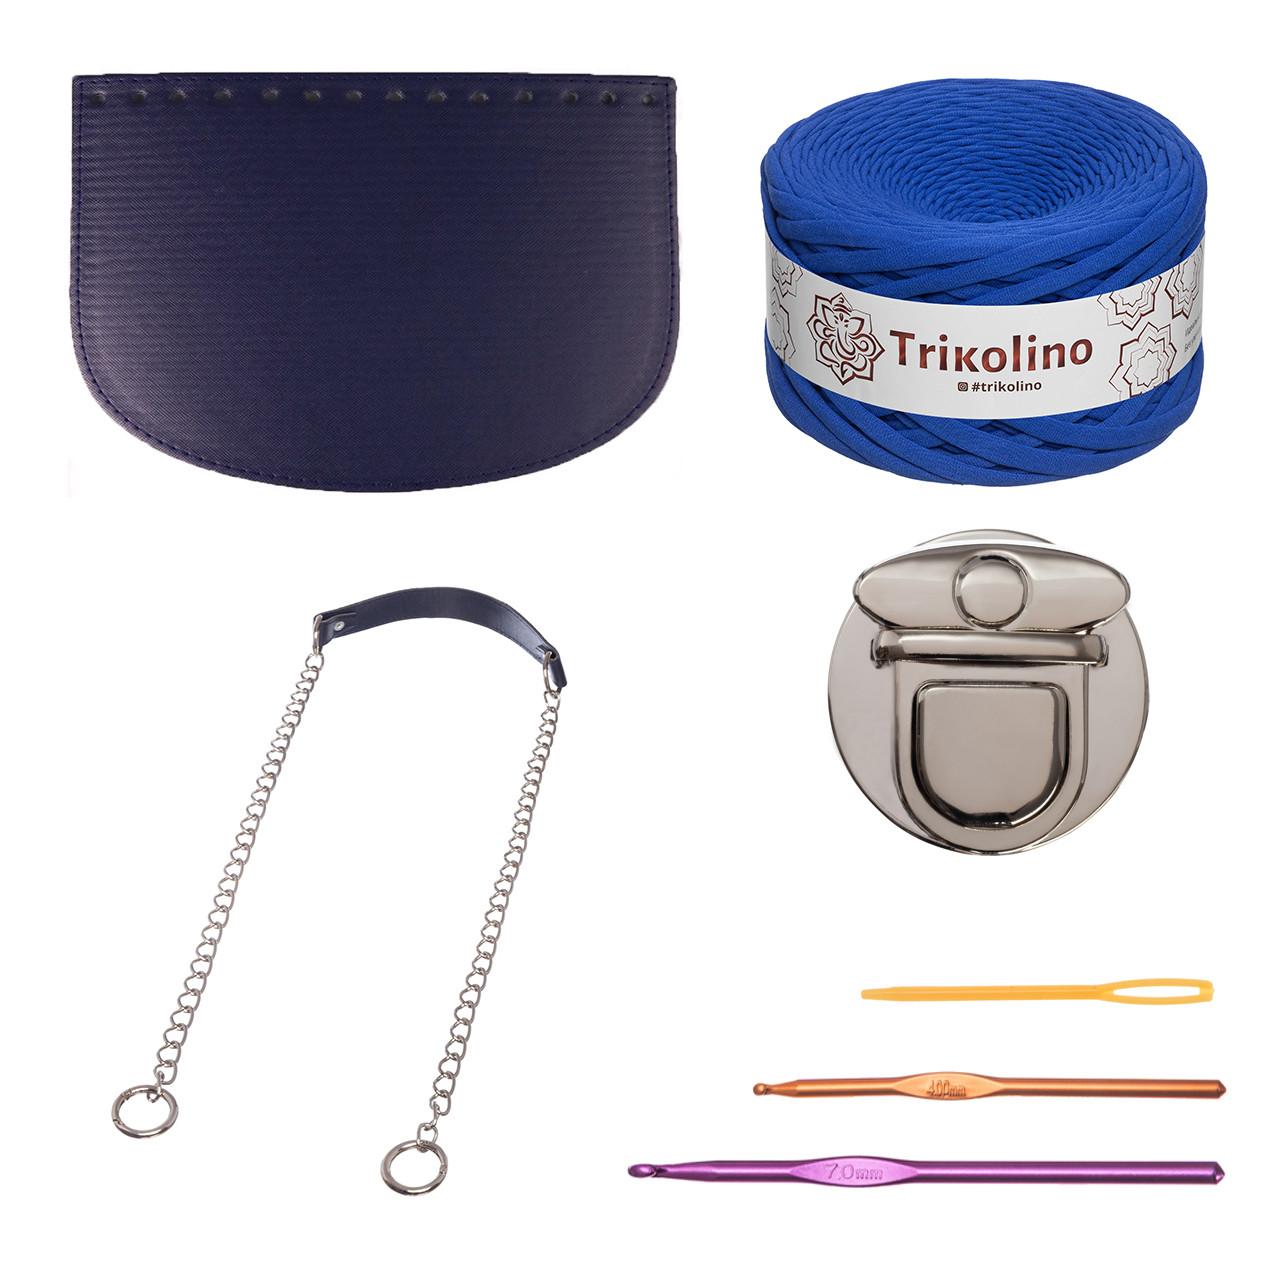 Набор для сумки-ракушки Орео МАКСИ Синий+Синий электрик, фурнитура серебро